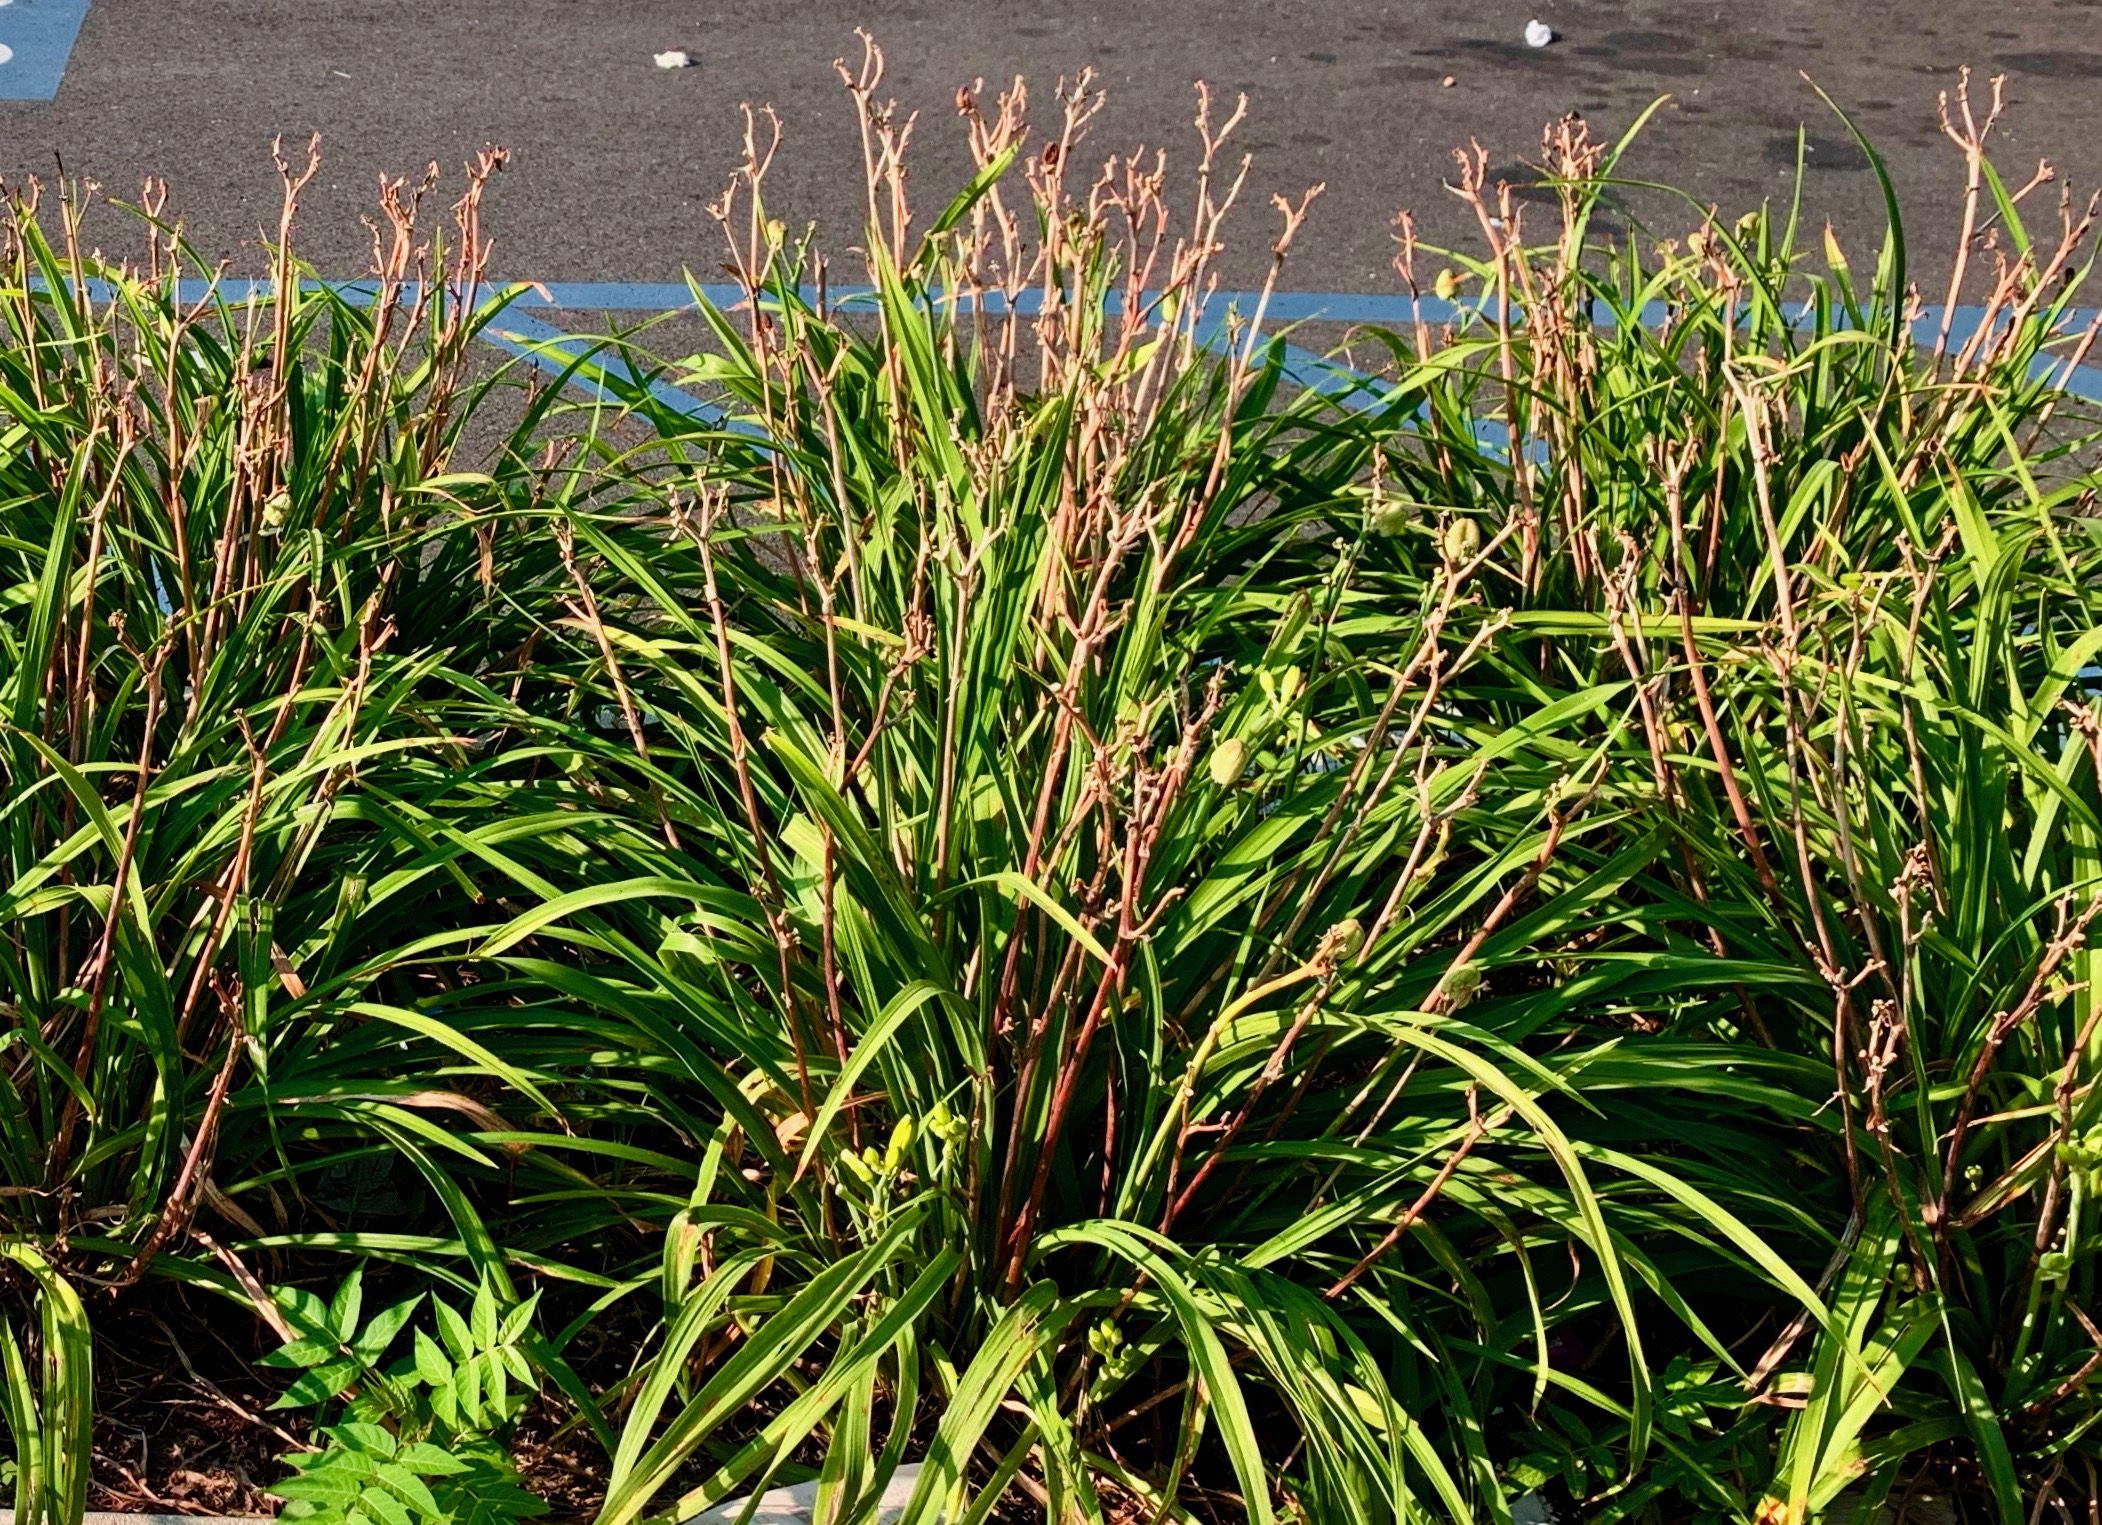 Dead flower stalks